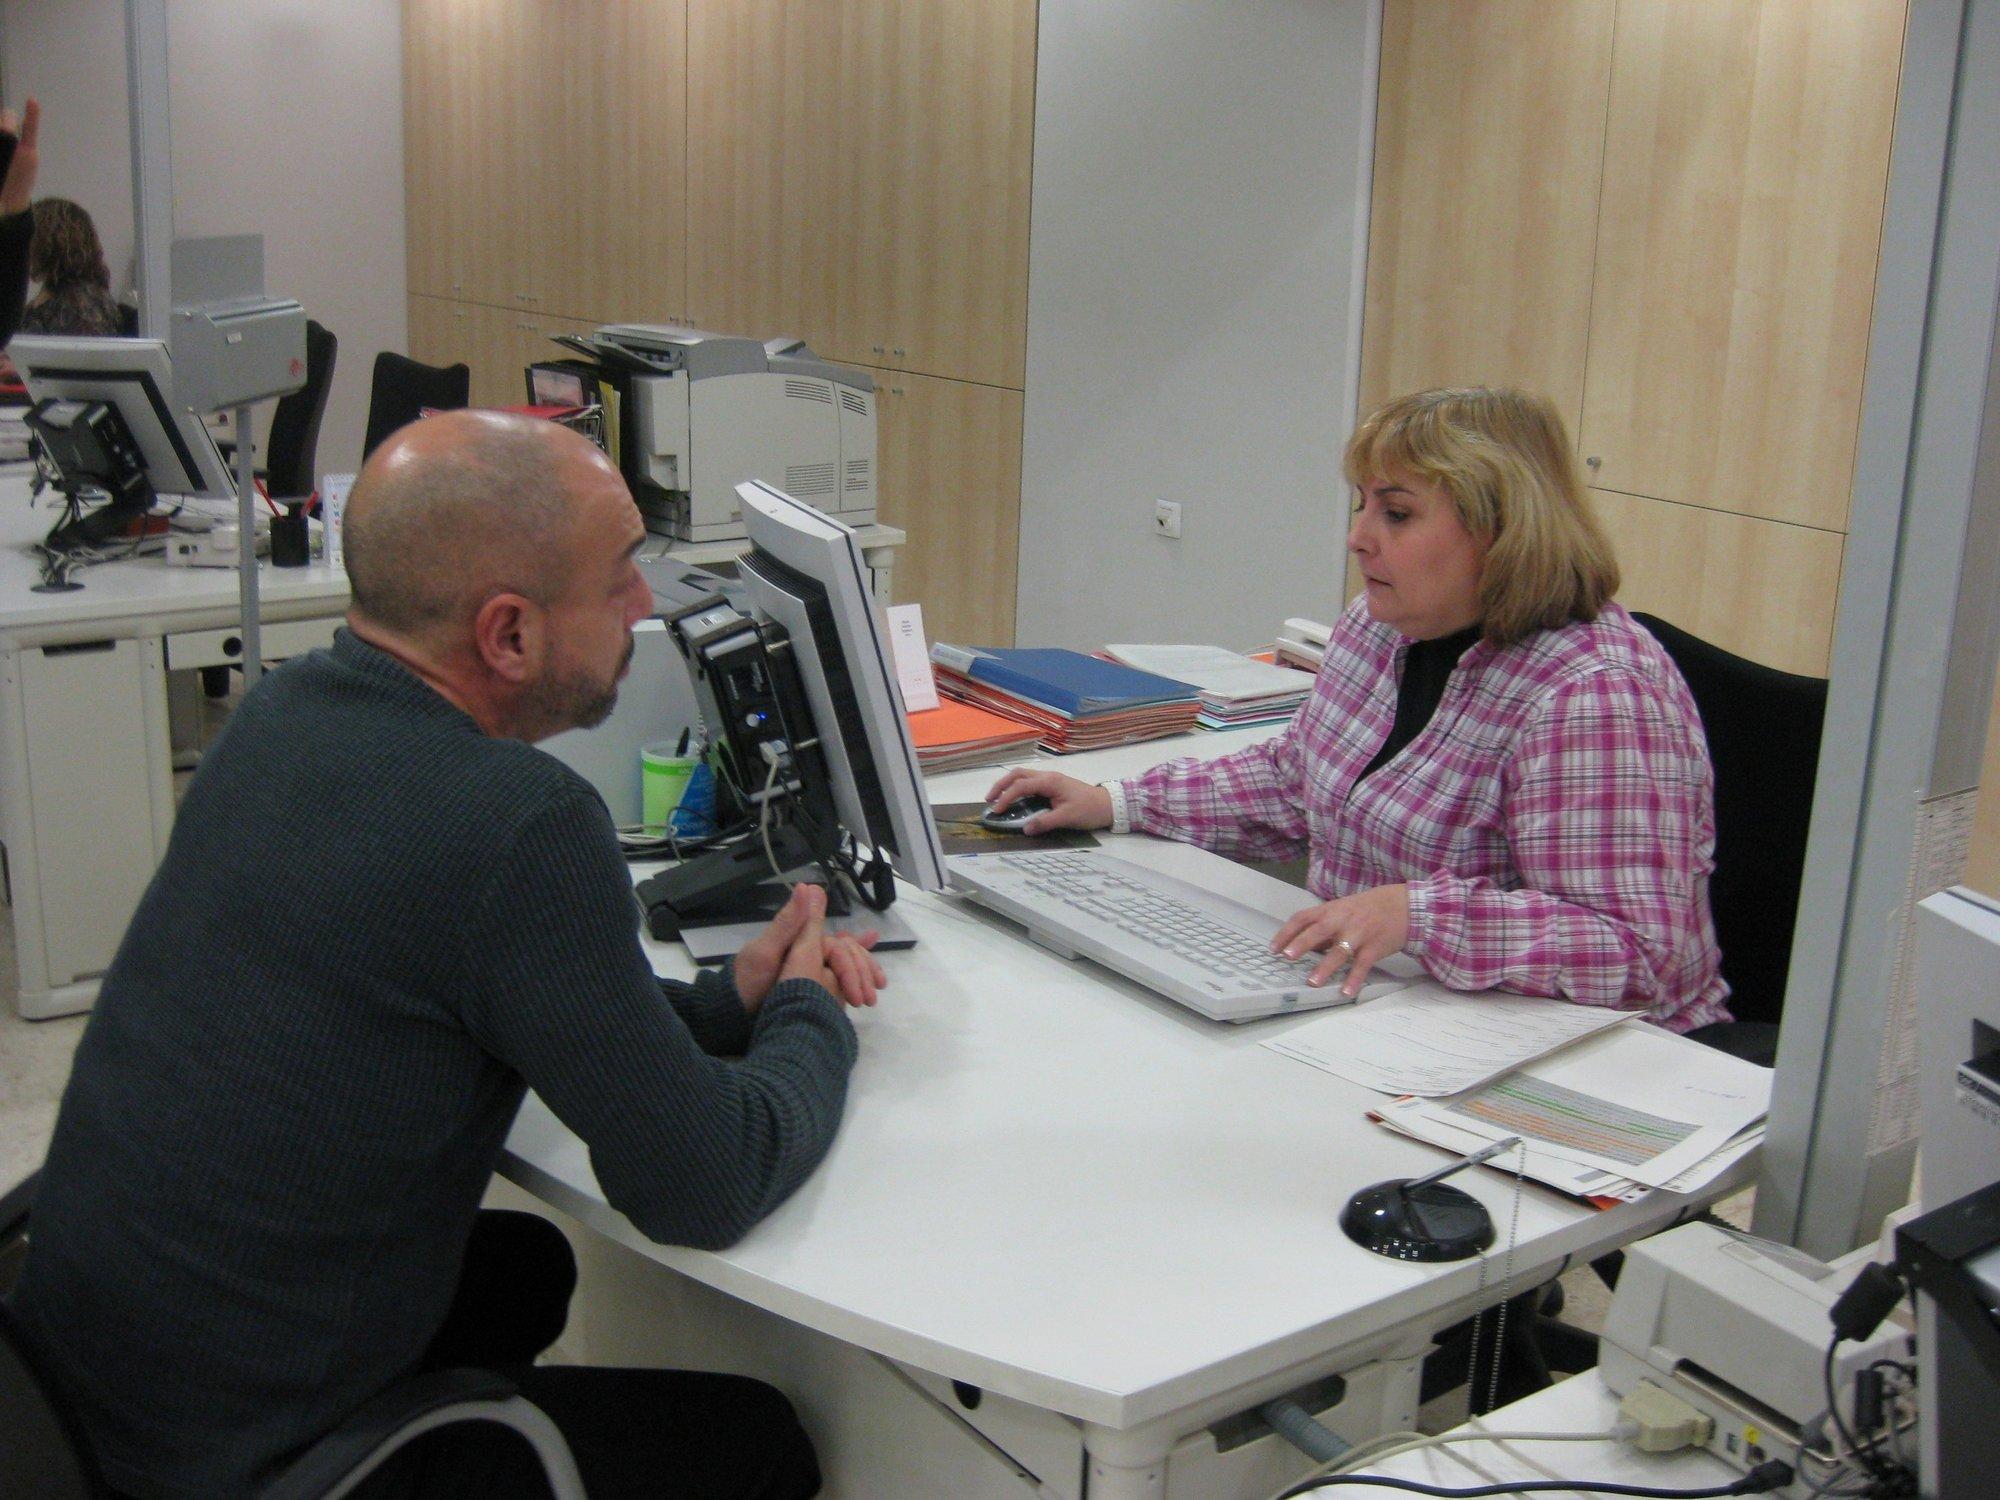 La crisis obliga a los españoles a recurrir a la movilidad laboral